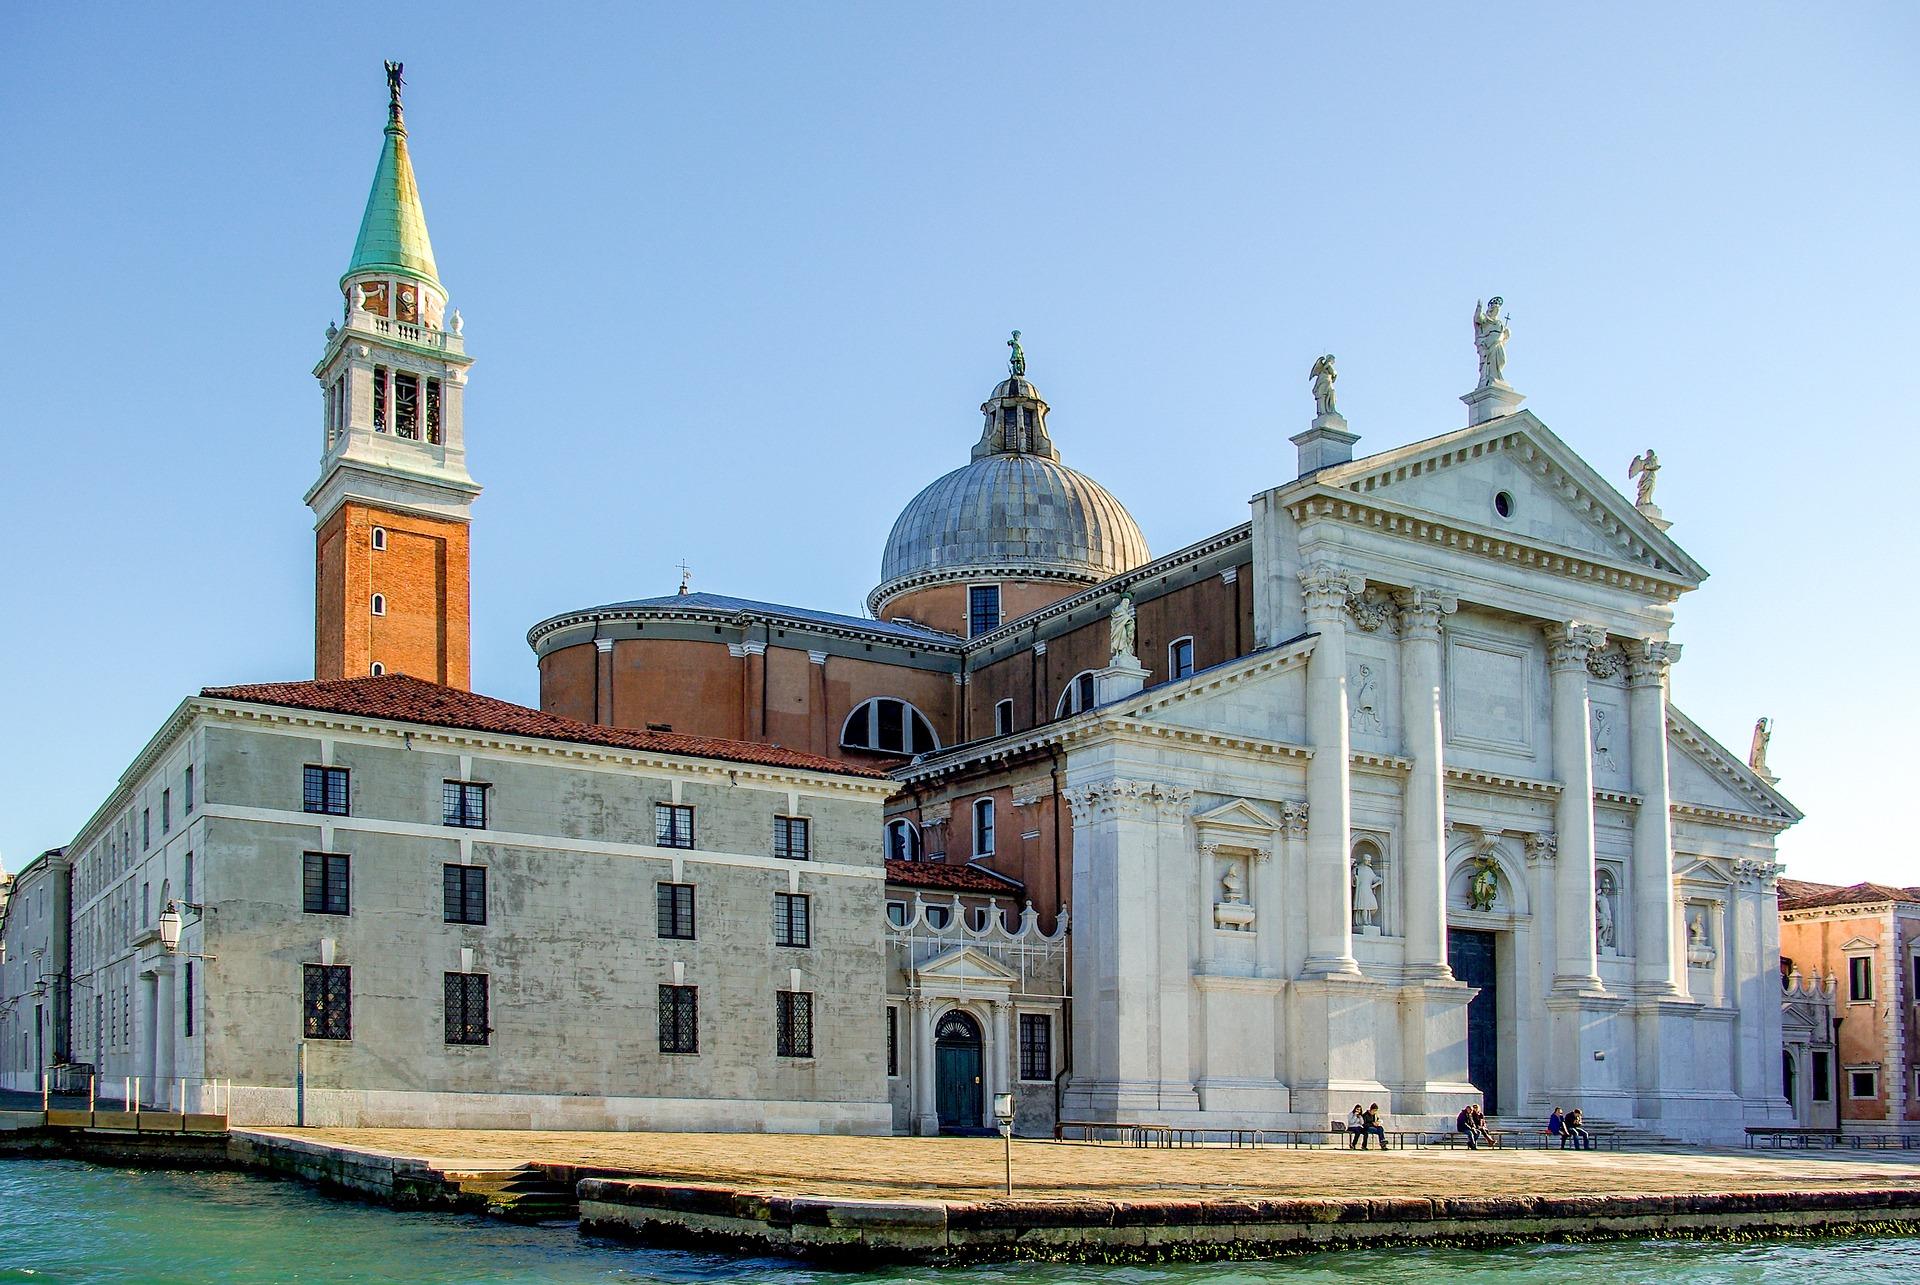 Insel Guidecca die beliebteste Insel Venetiens unter den Einheimischen